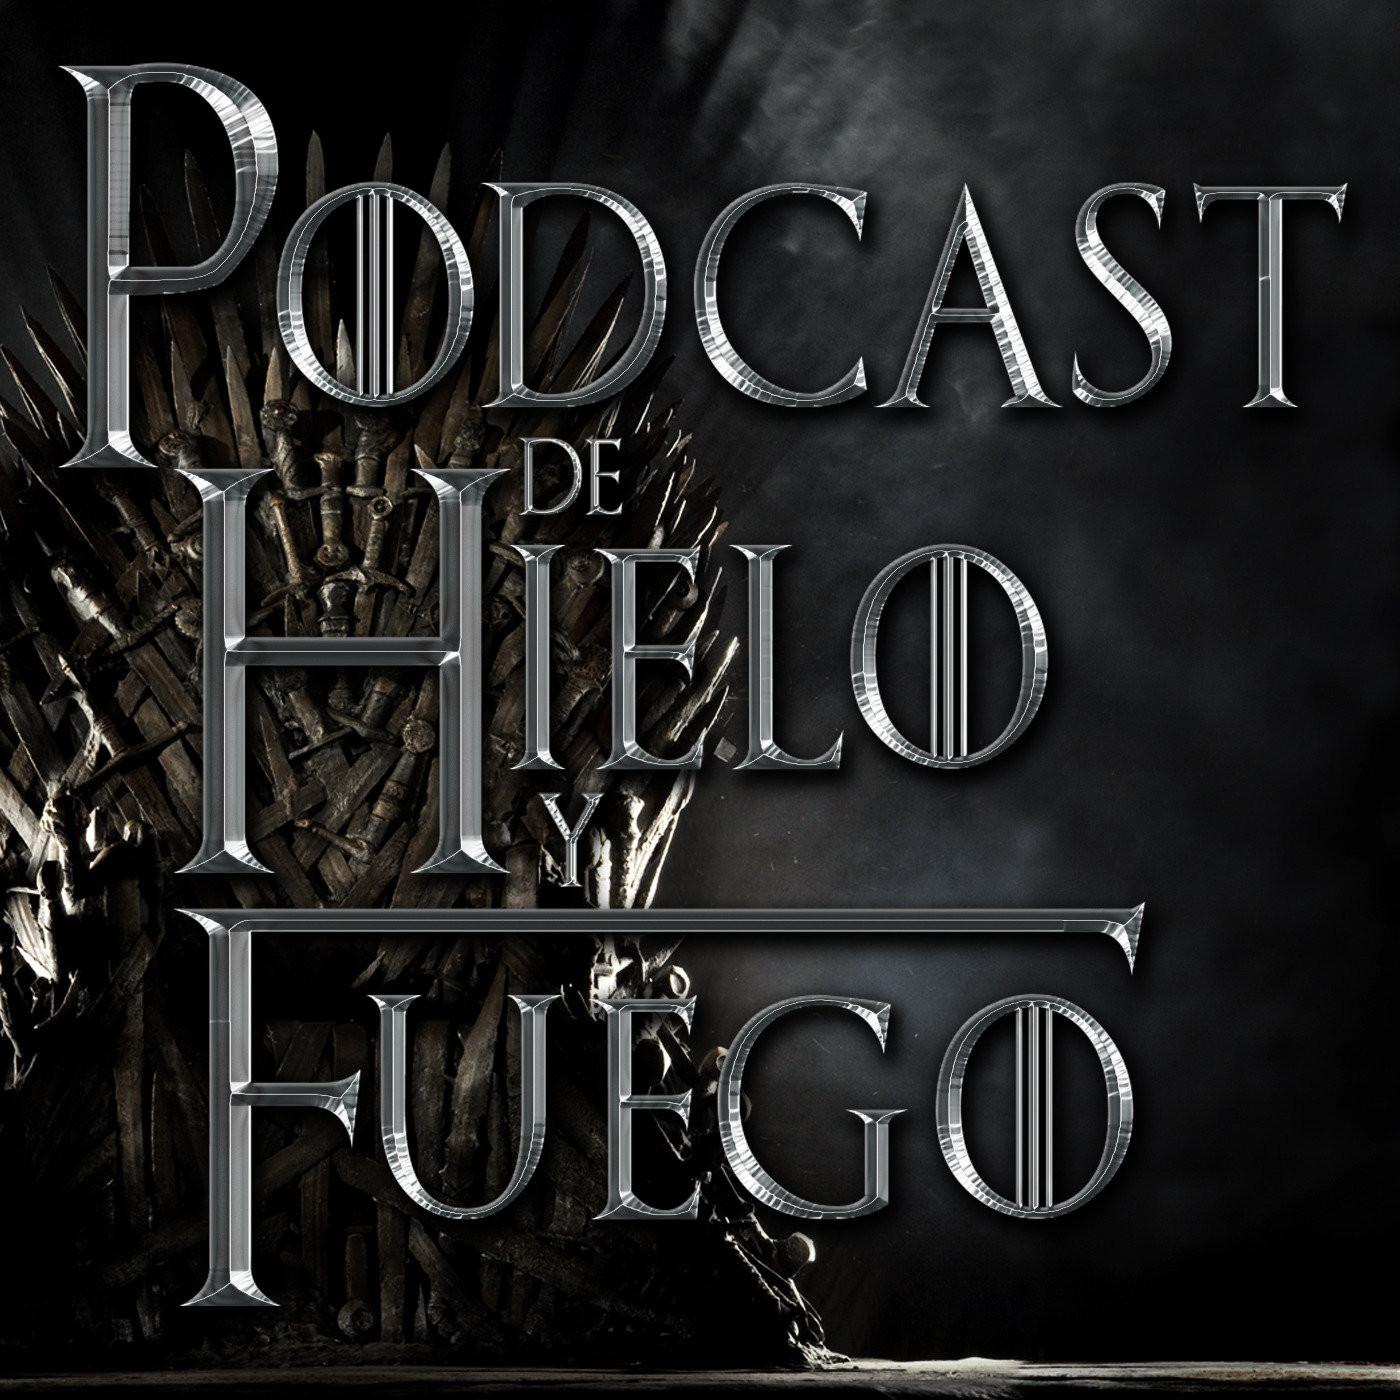 PdHyF - Tributo a la cuarta temporada de Juego de Tronos en Podcast ...